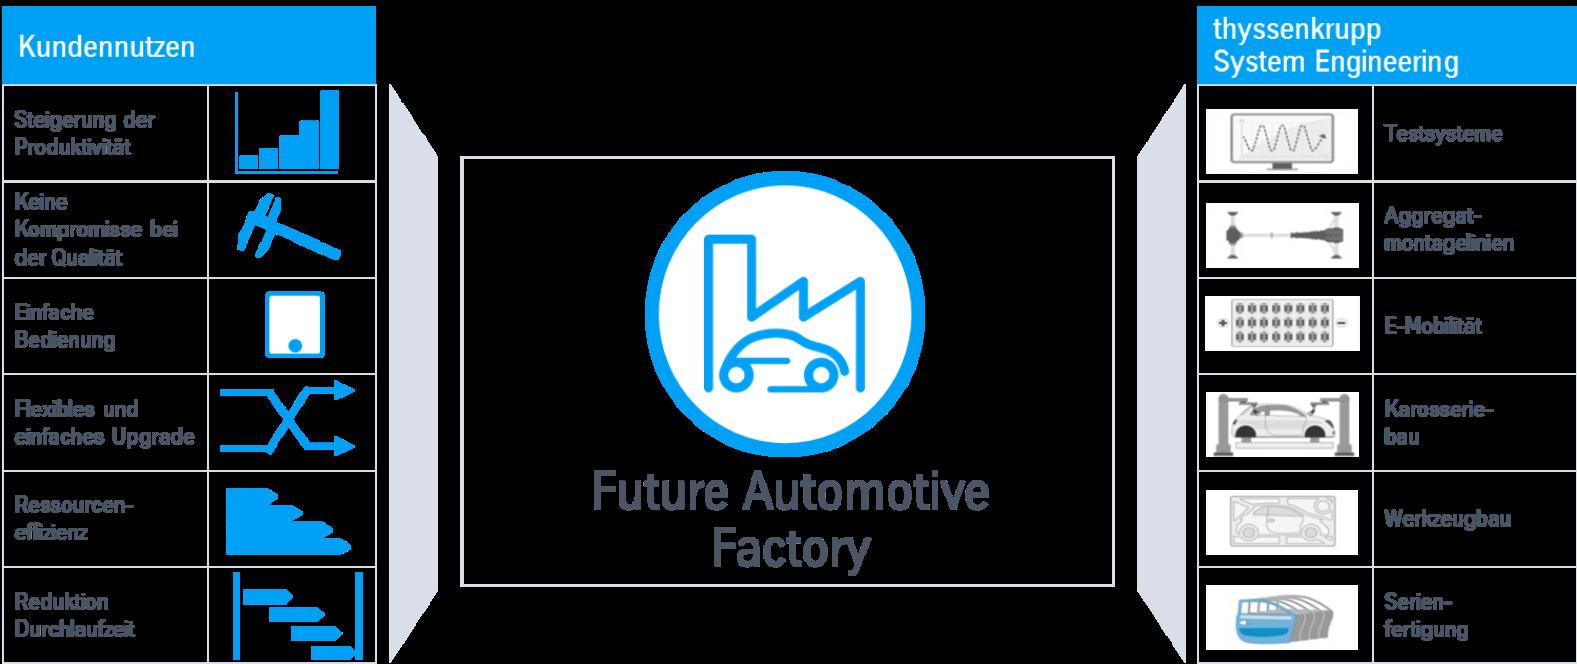 Future Automotive Factory